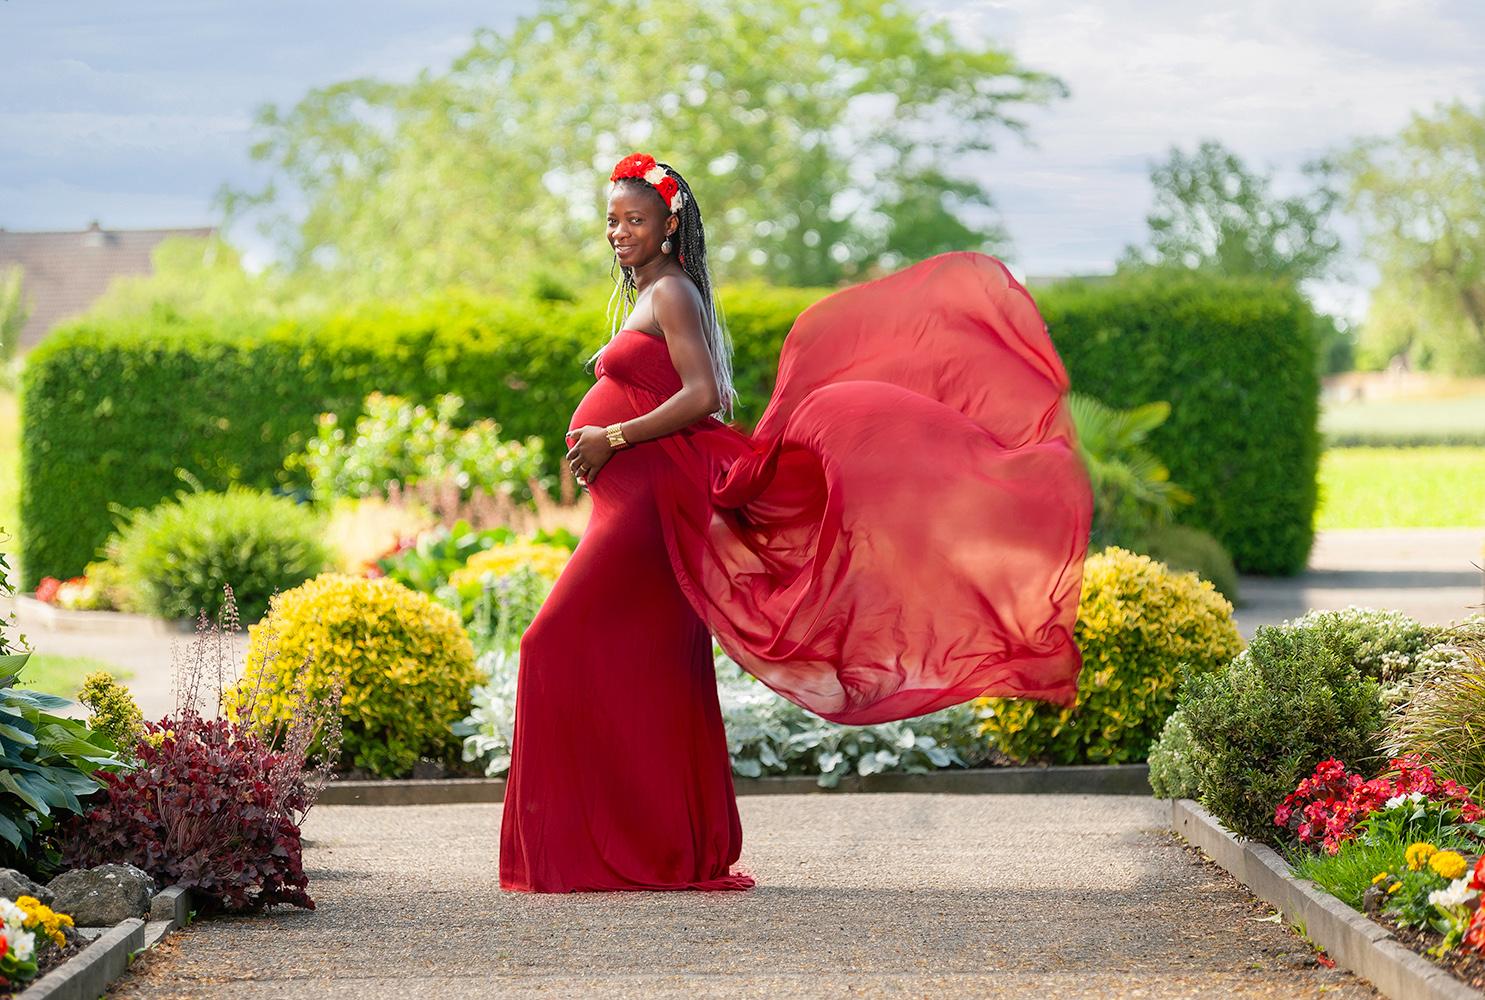 une femme enceinte avec une robe rouge qui senvole dans un jardin alsacien